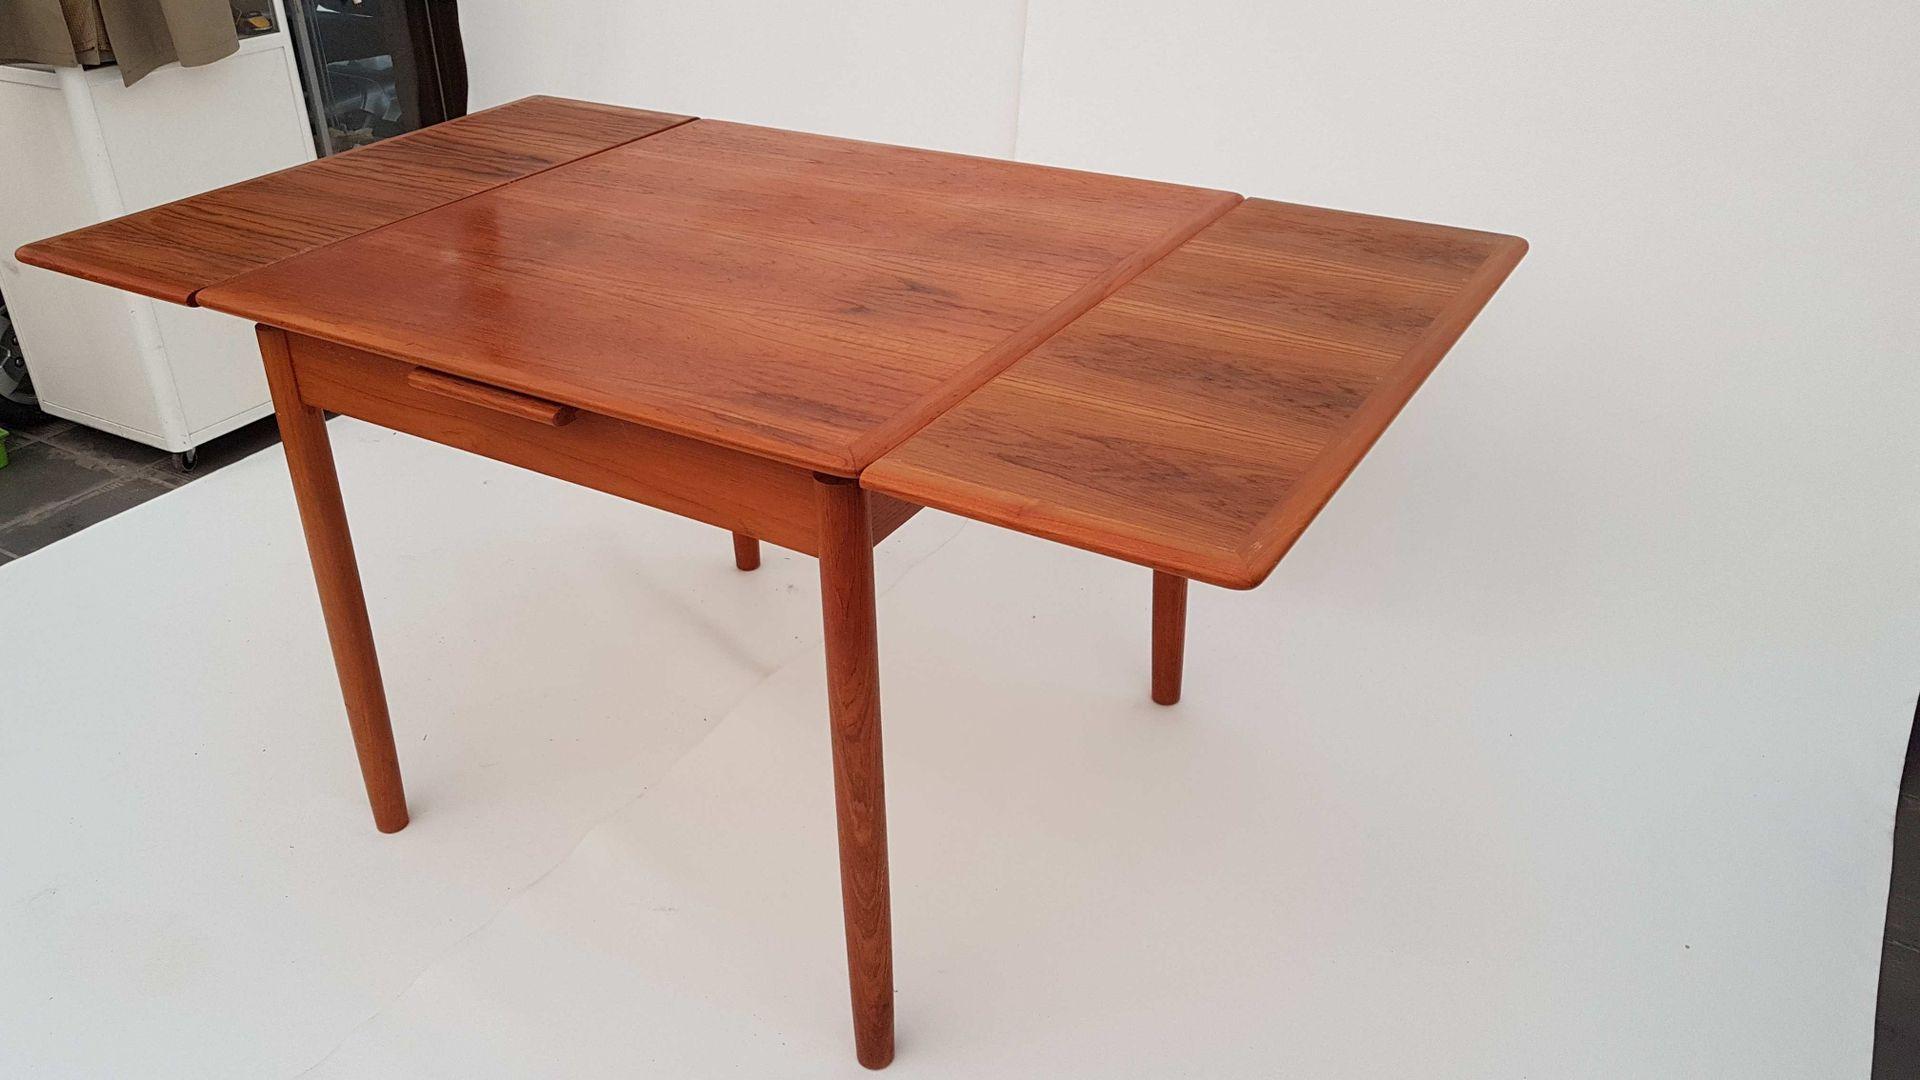 d nischer flip top teak esstisch von poul hundevad f r dogvad mobelfabrik 1960er bei pamono kaufen. Black Bedroom Furniture Sets. Home Design Ideas